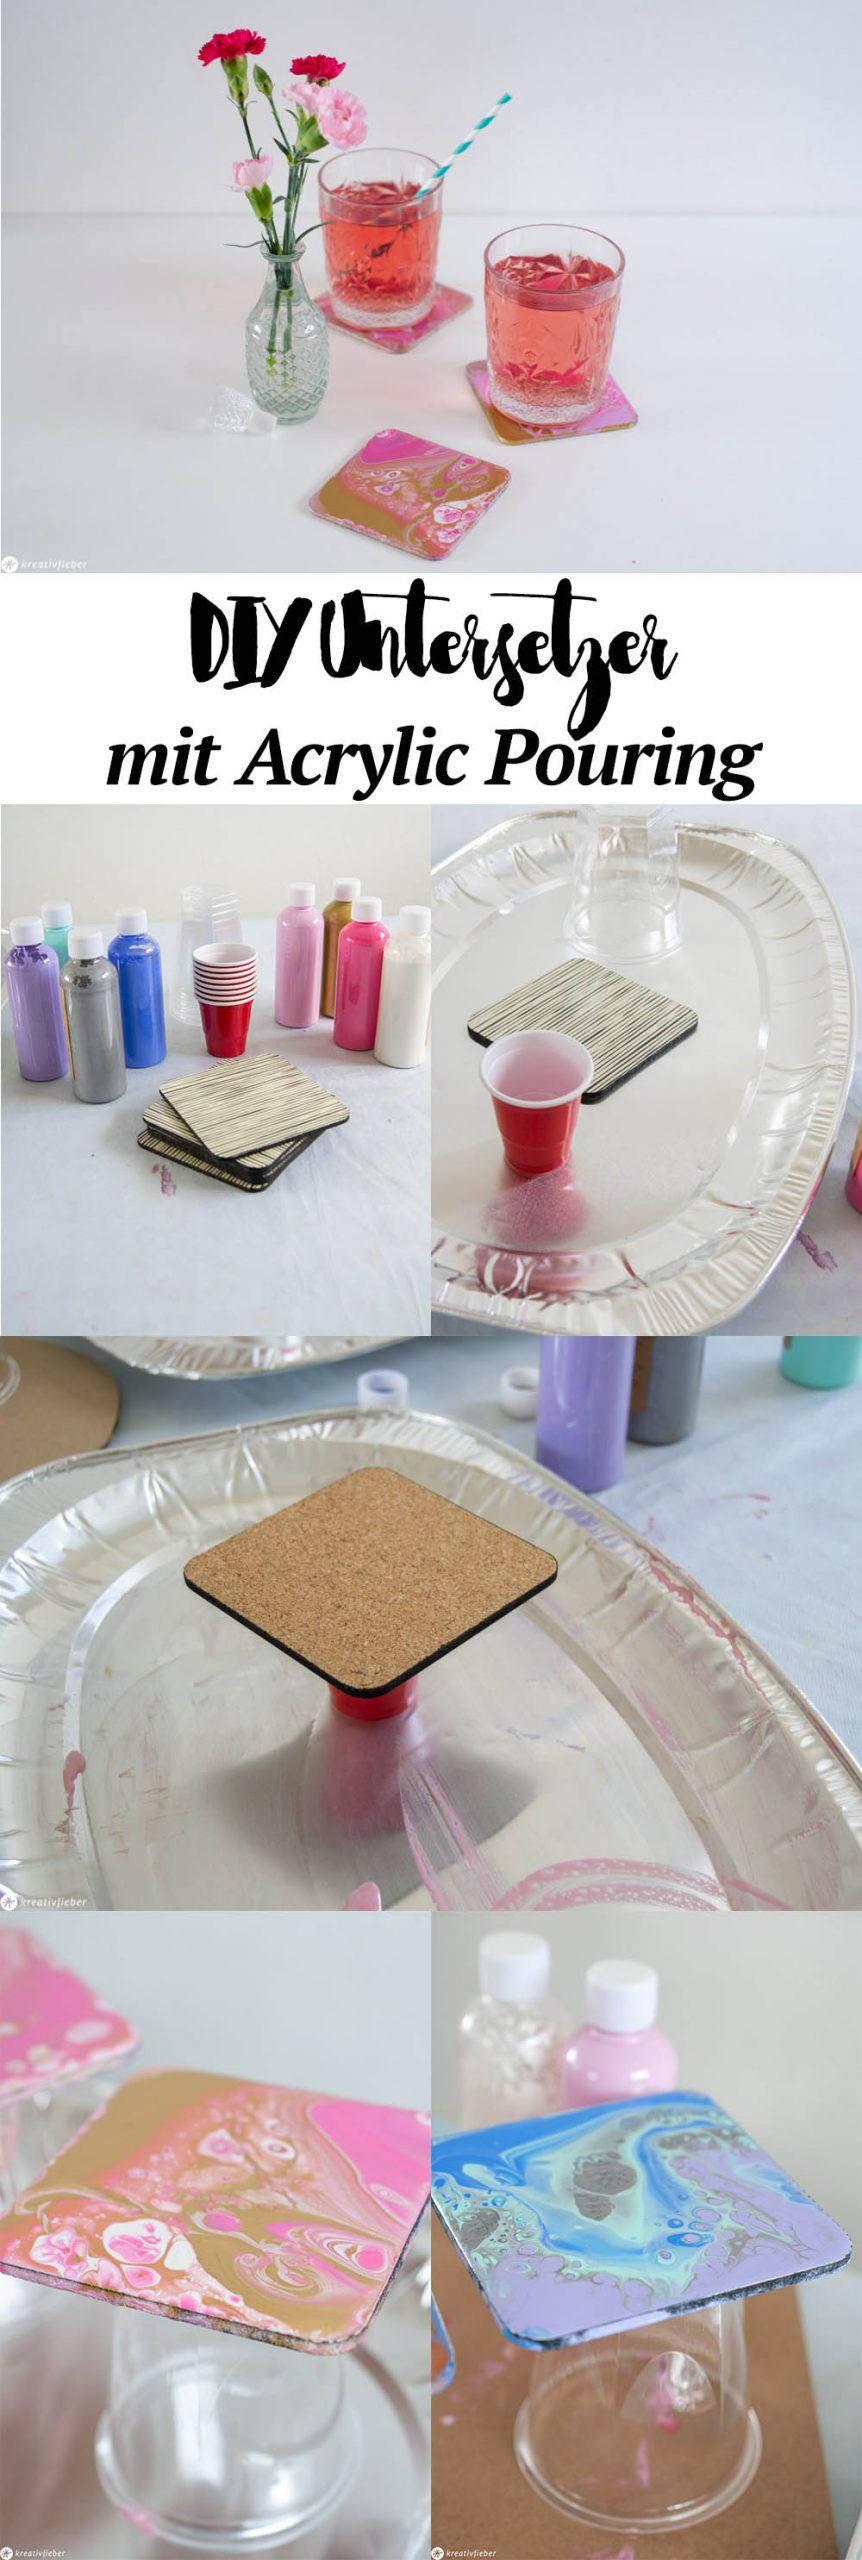 Super einfache Anleitung für Acrylic Pouring